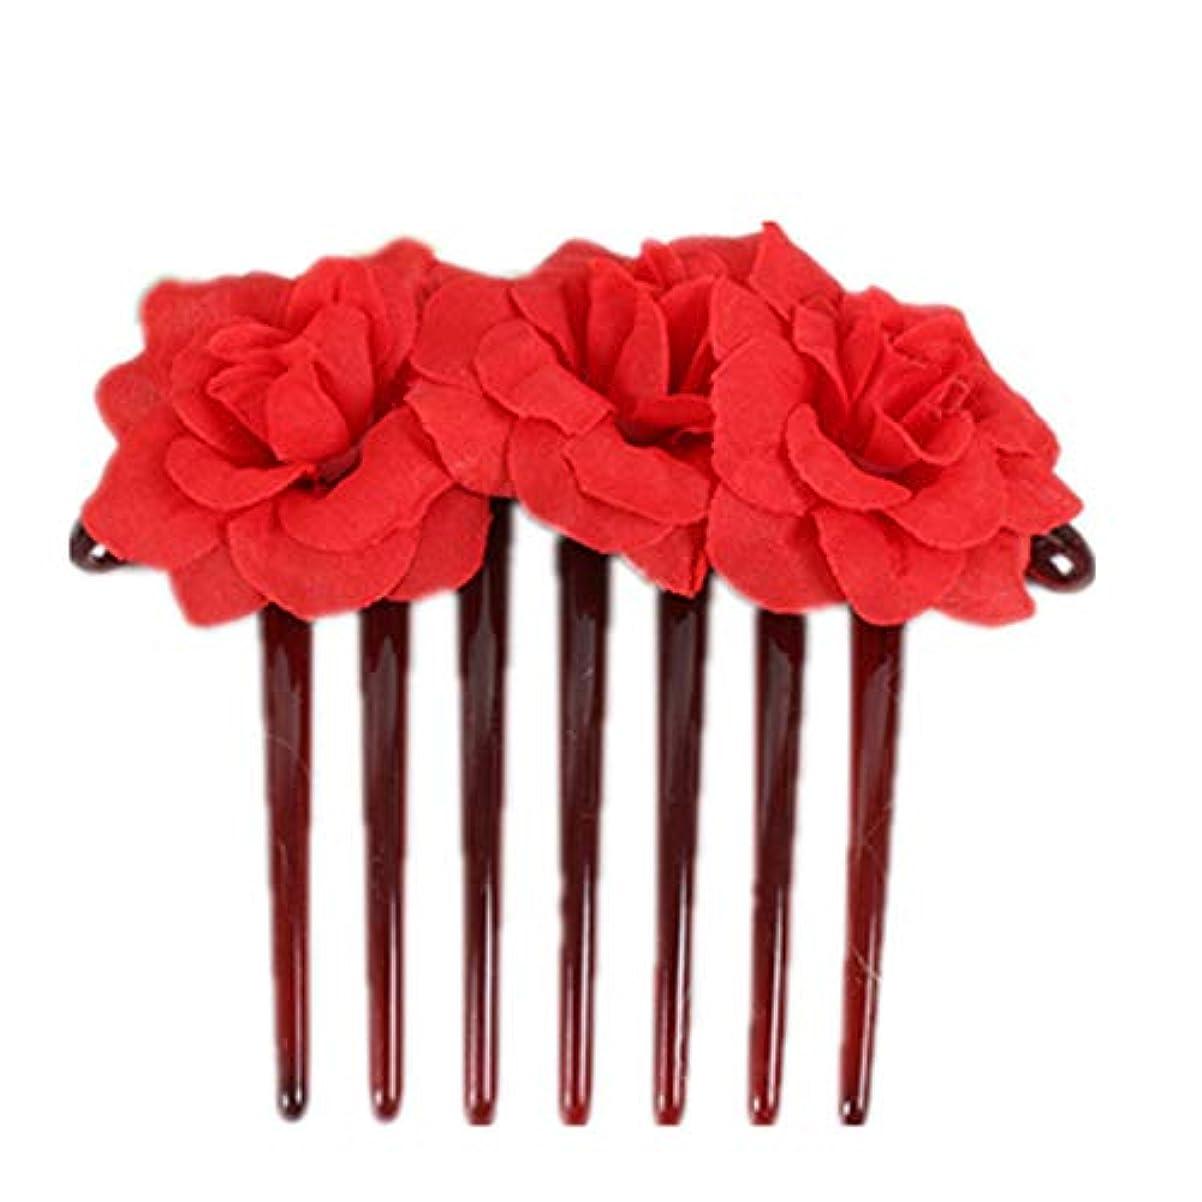 熱狂的なパンフレット出します1st market プレミアム品質シミュレーション花花嫁の髪櫛頭飾りヘアピンクリップ櫛スタイリングアクセサリー、赤